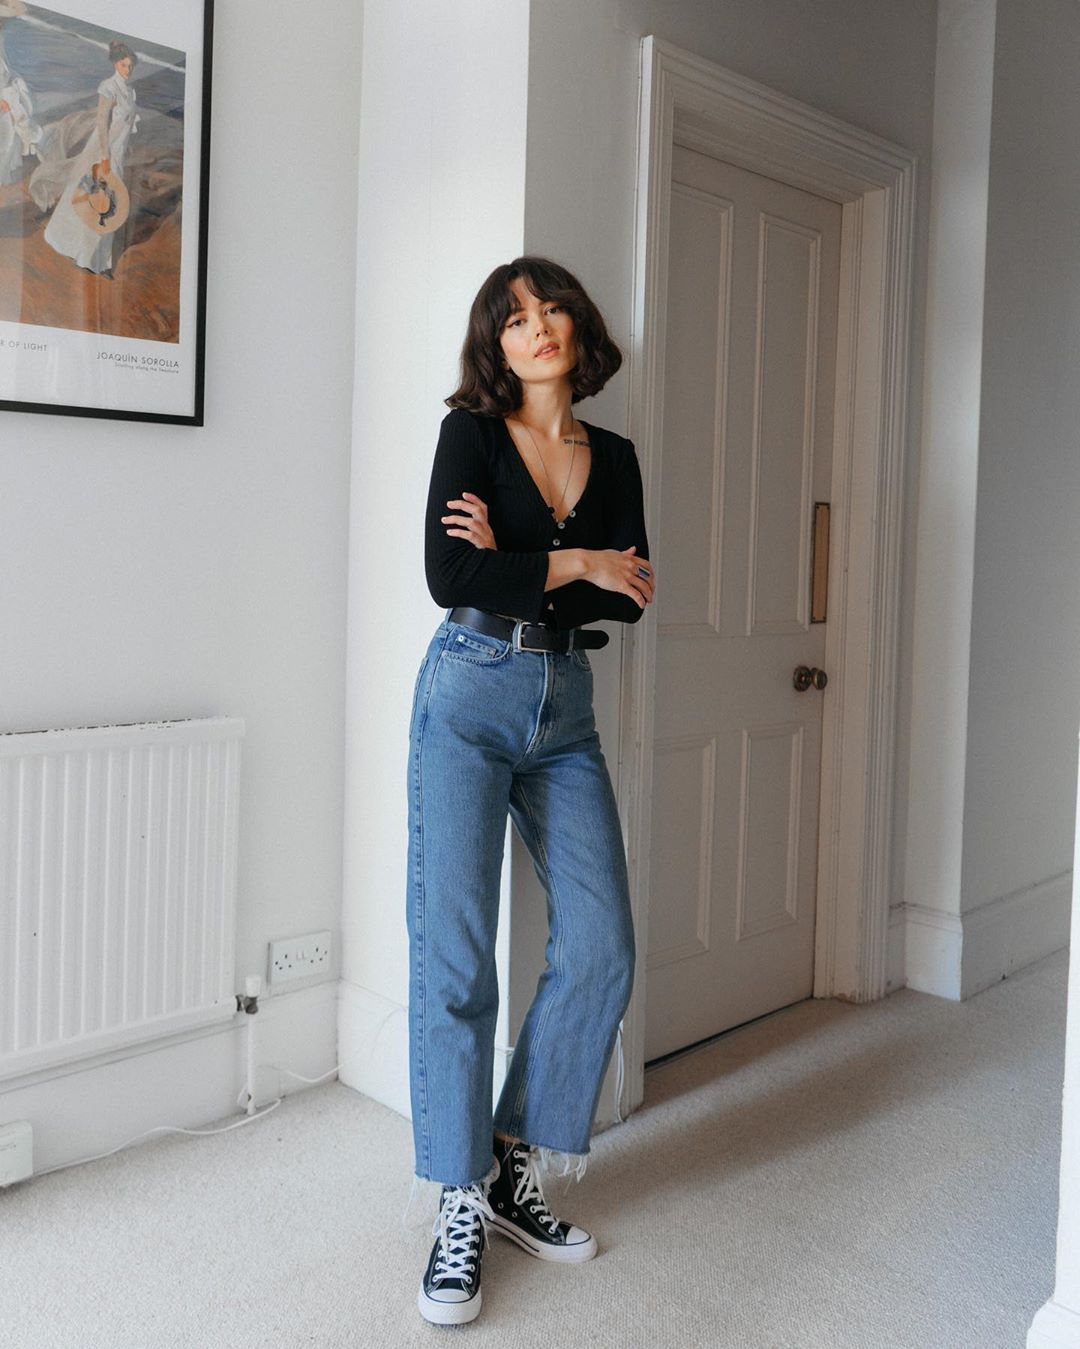 bí quyết mua sắm quần jeans cho dáng người nhỏ petite chloe miles